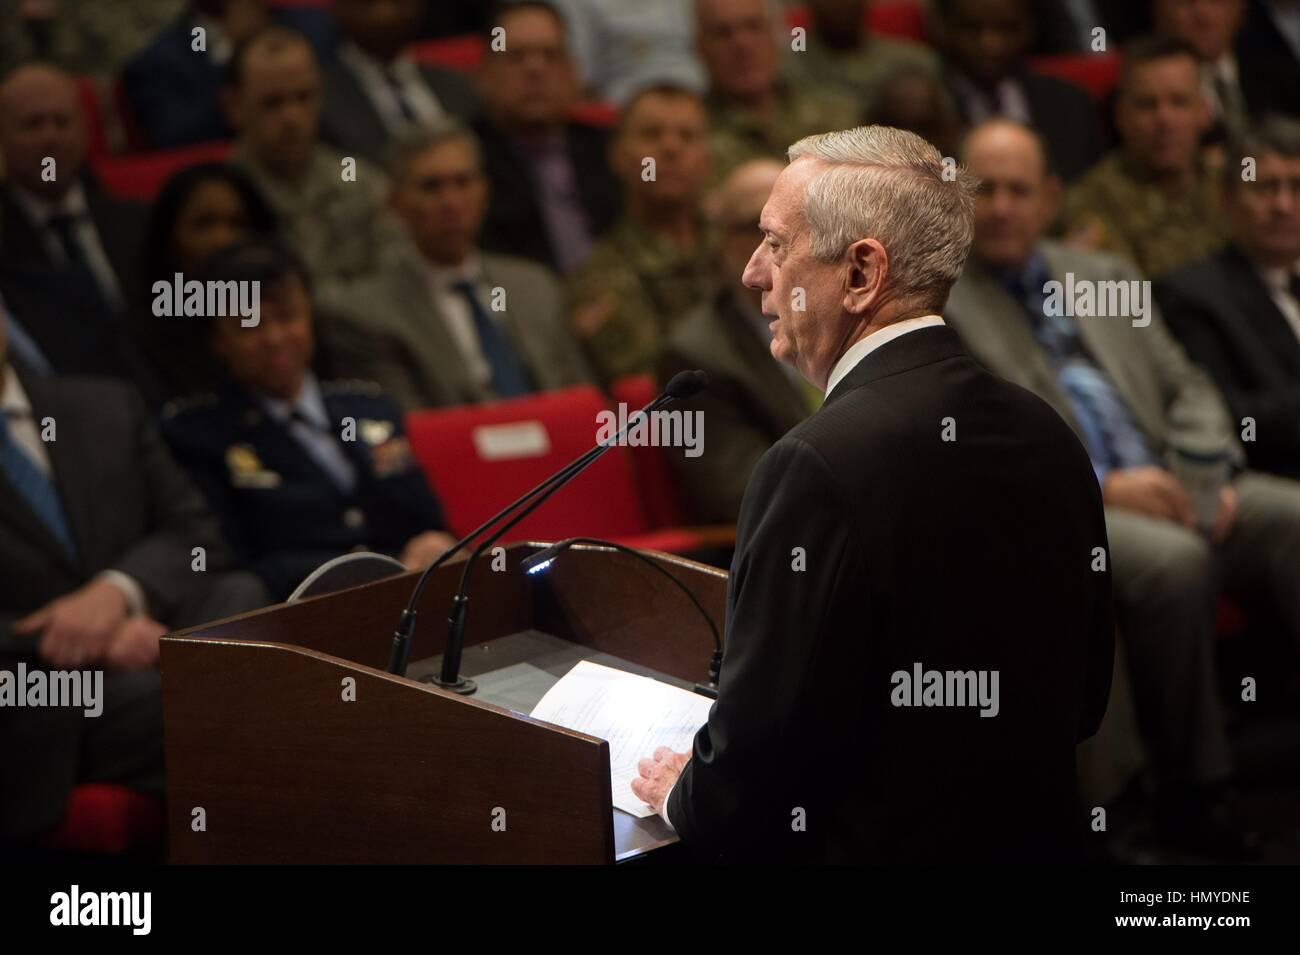 Stati Uniti Il Segretario della Difesa James Mattis parla alla trentatreesima annuale di Dr Martin Luther King Jr. rispetto al Pentagono Auditorium Gennaio 25, 2017 a Washington, DC. Foto Stock